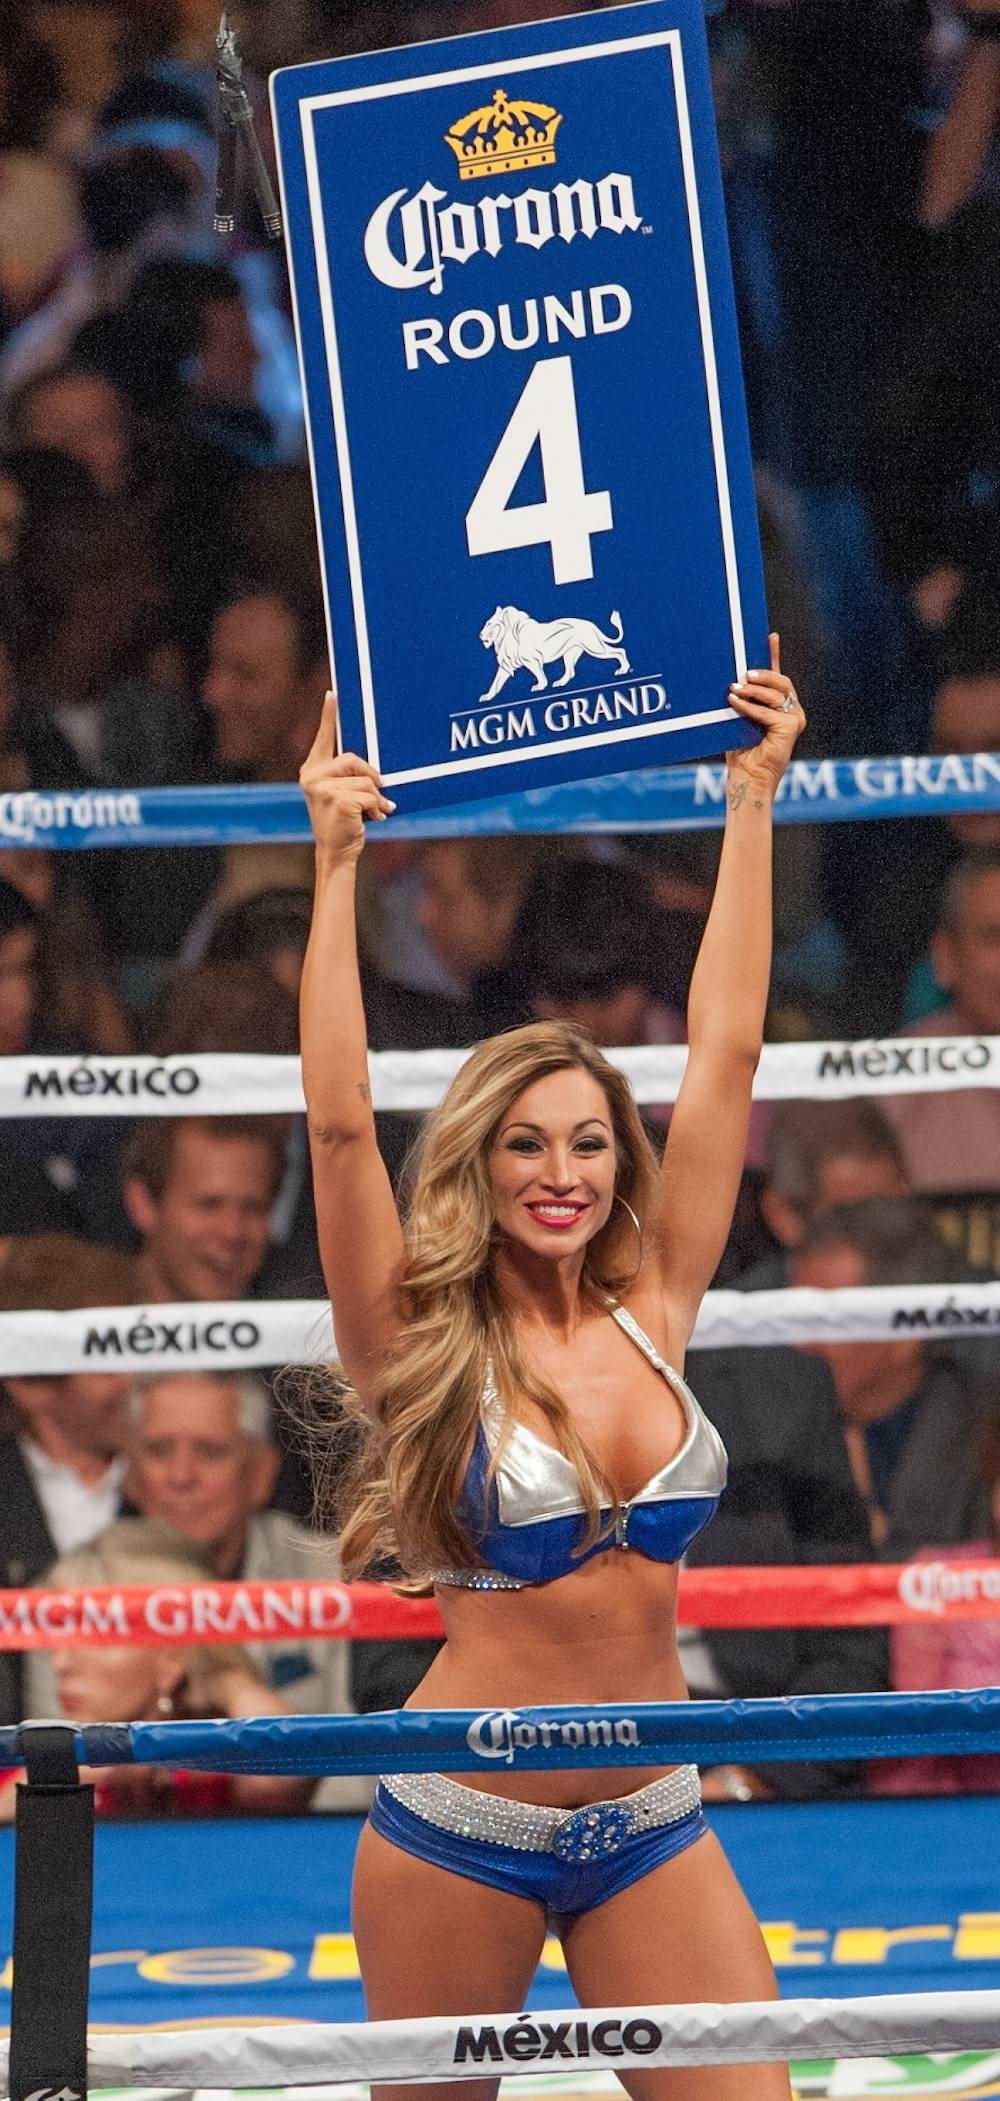 Jaime Lynch as Ring Girl Round 4 Mayweather v. Canelo